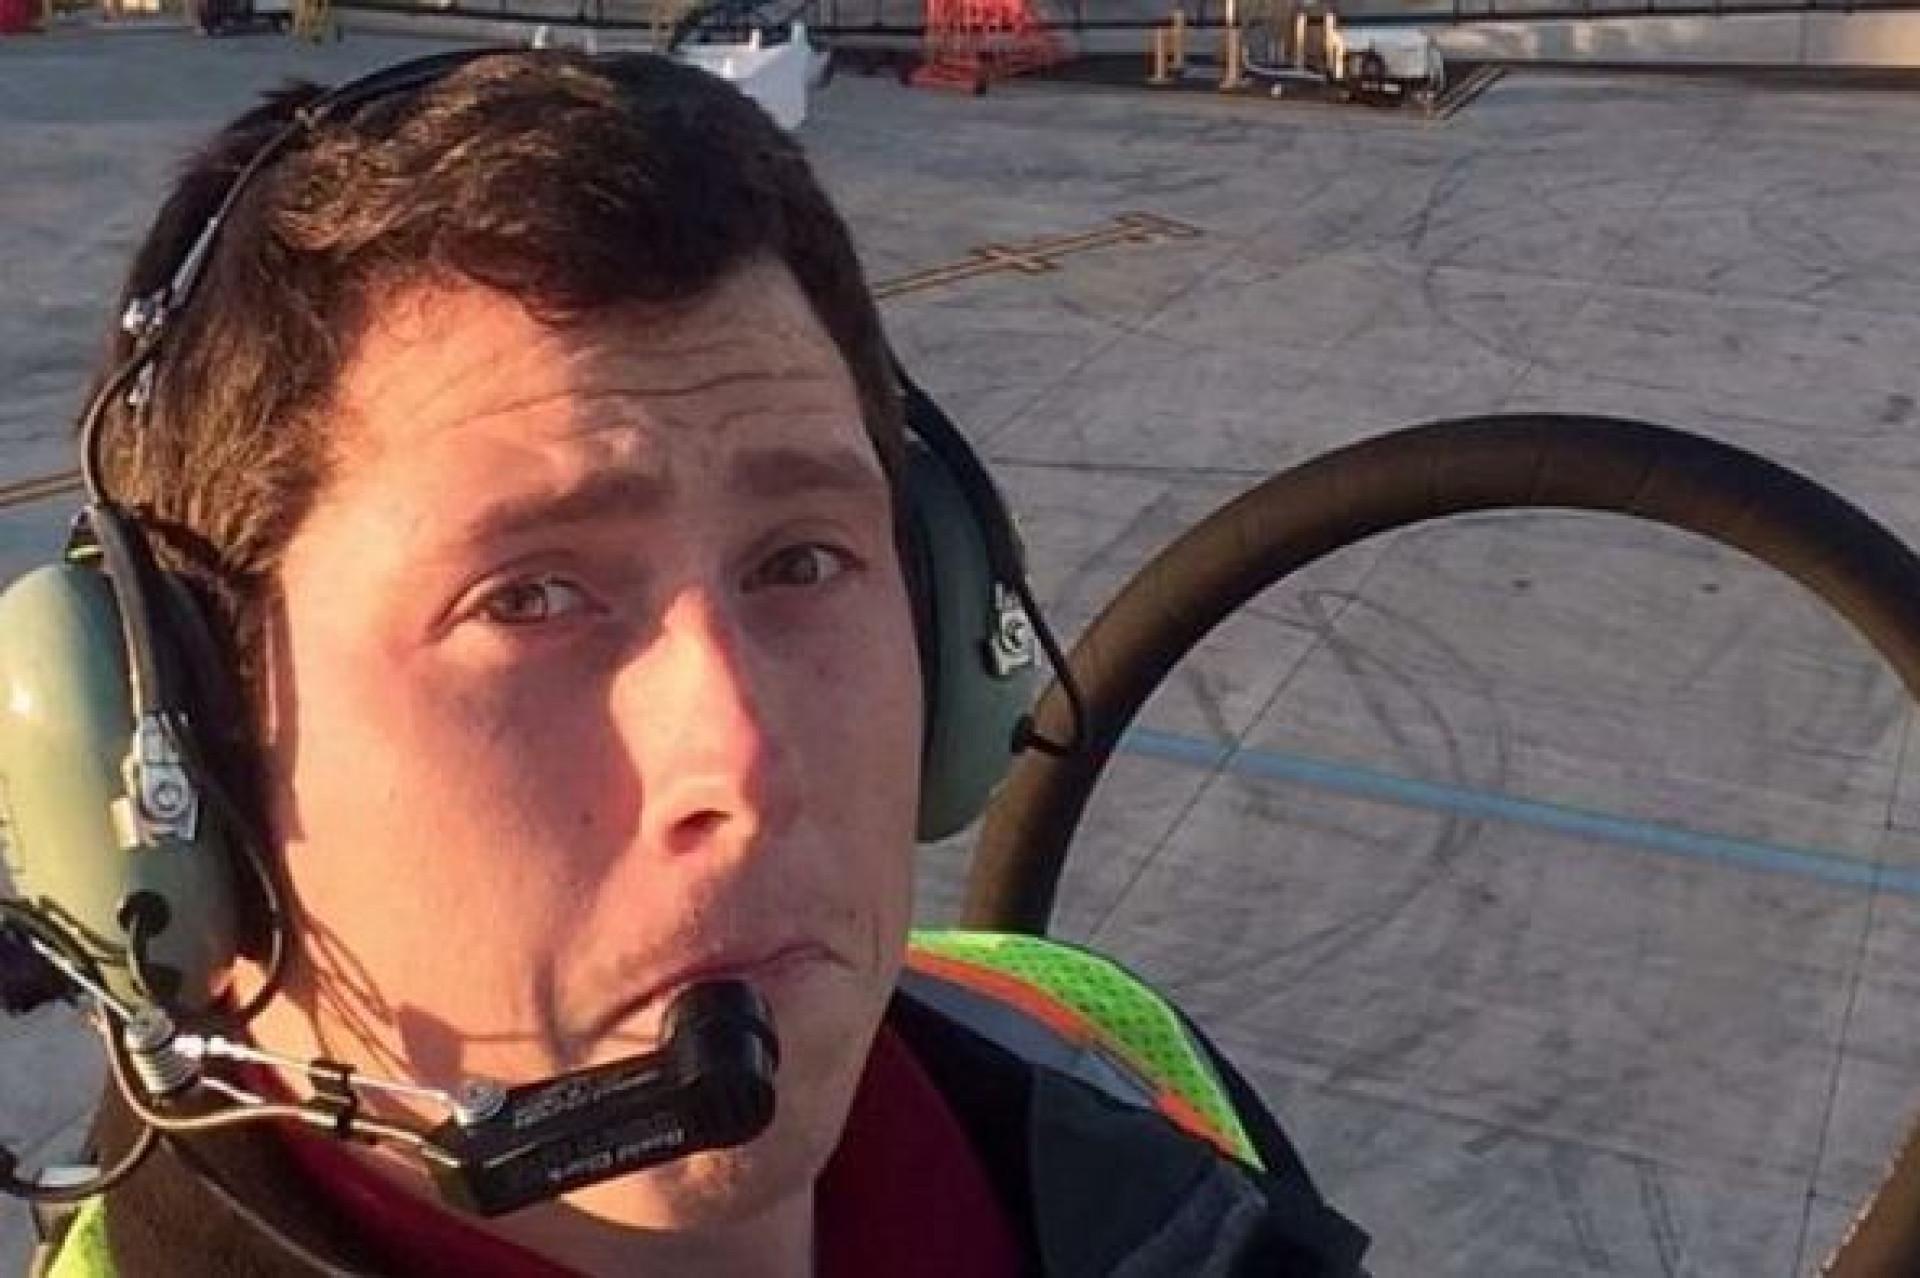 Áudio da cabine de avião roubado por funcionário é divulgado